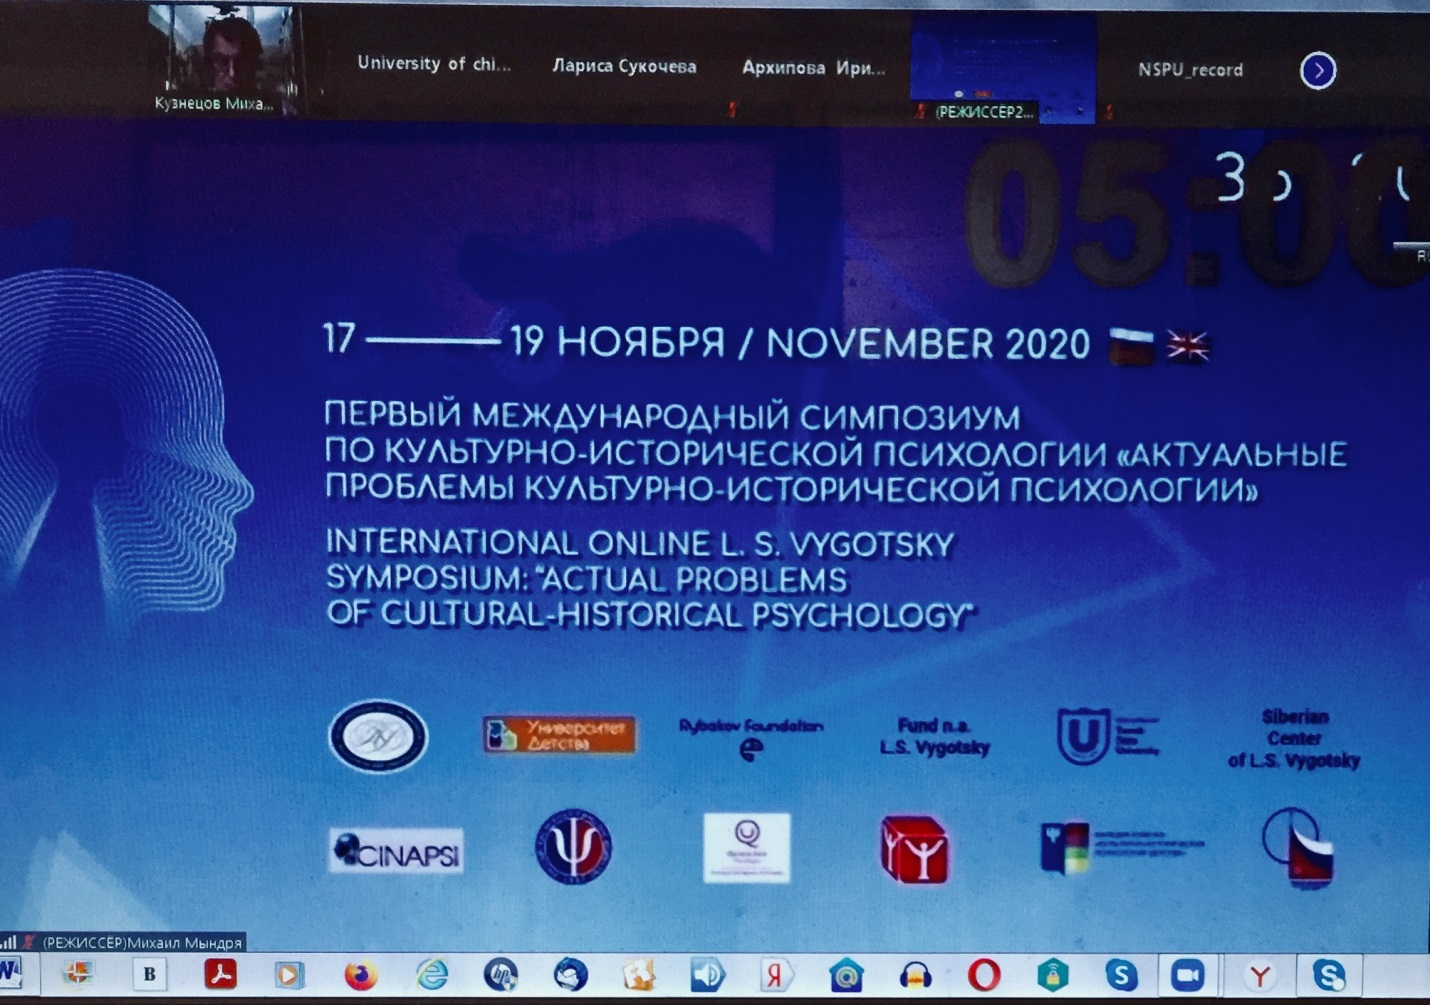 C:\Users\МК\Desktop\KMI\А вот Союзы развития наукоградов\Союз развития наукоградов\Мероприятия\Новосибирск\IMG_2432(1).jpg